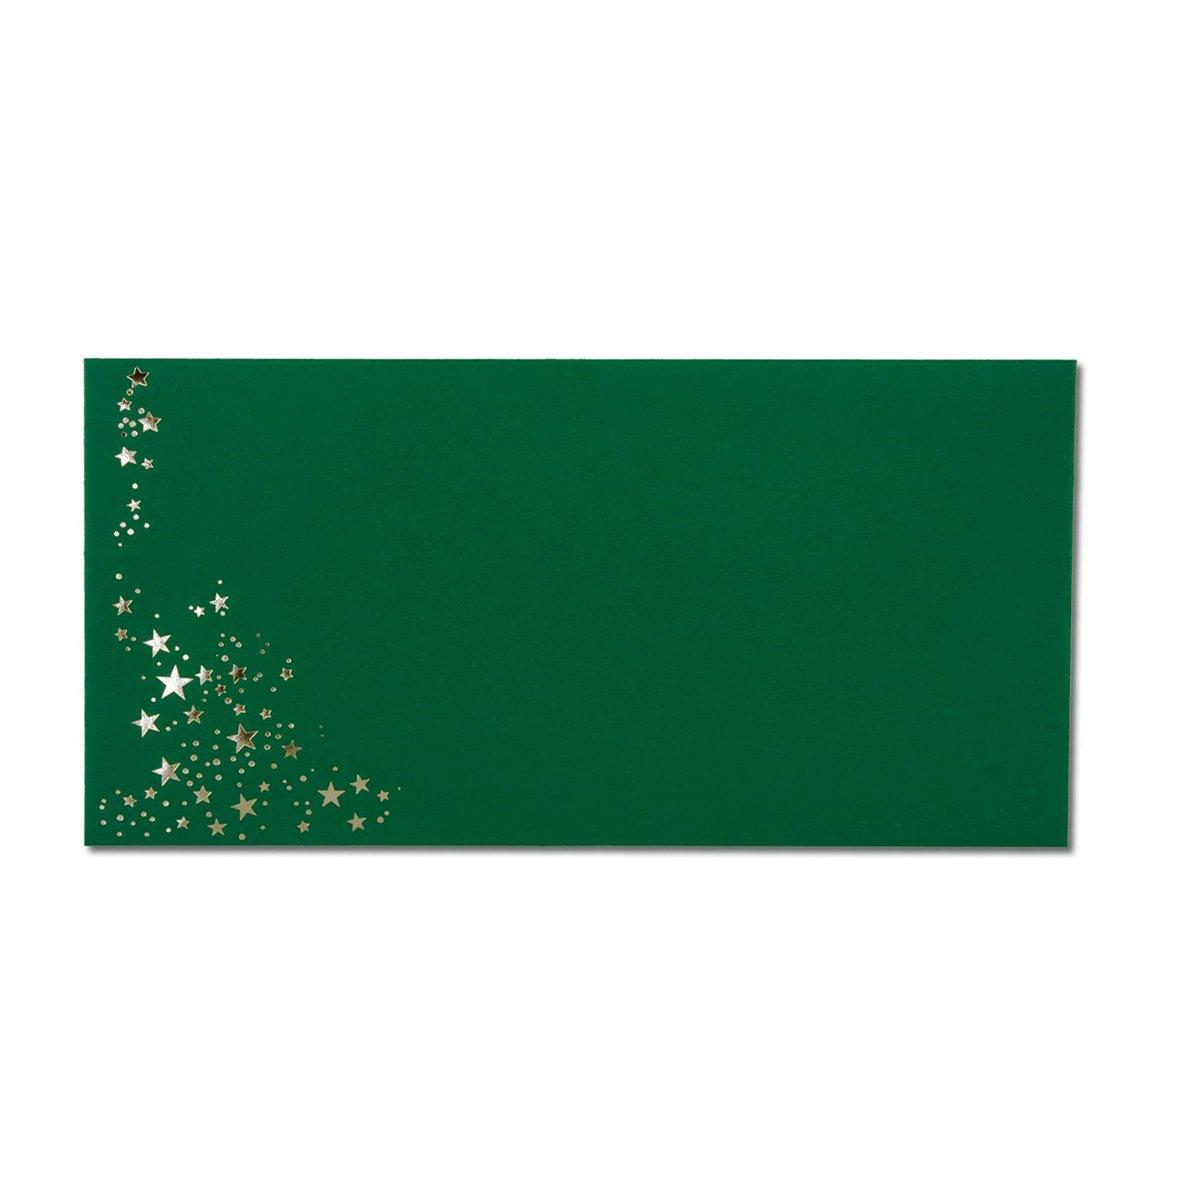 300x Weihnachts-Briefumschläge   DIN Lang   mit Gold-Metallic Gold-Metallic Gold-Metallic geprägtem Sternenregen   Farbe  dunkelrot, Nassklebung, 120 g m²   110 x 220 mm   Marke  GUSTAV NEUSER® B07CHMQ6J5 | Fein Verarbeitet  | Clearance Sale  | In hohem Grade ge a14a85